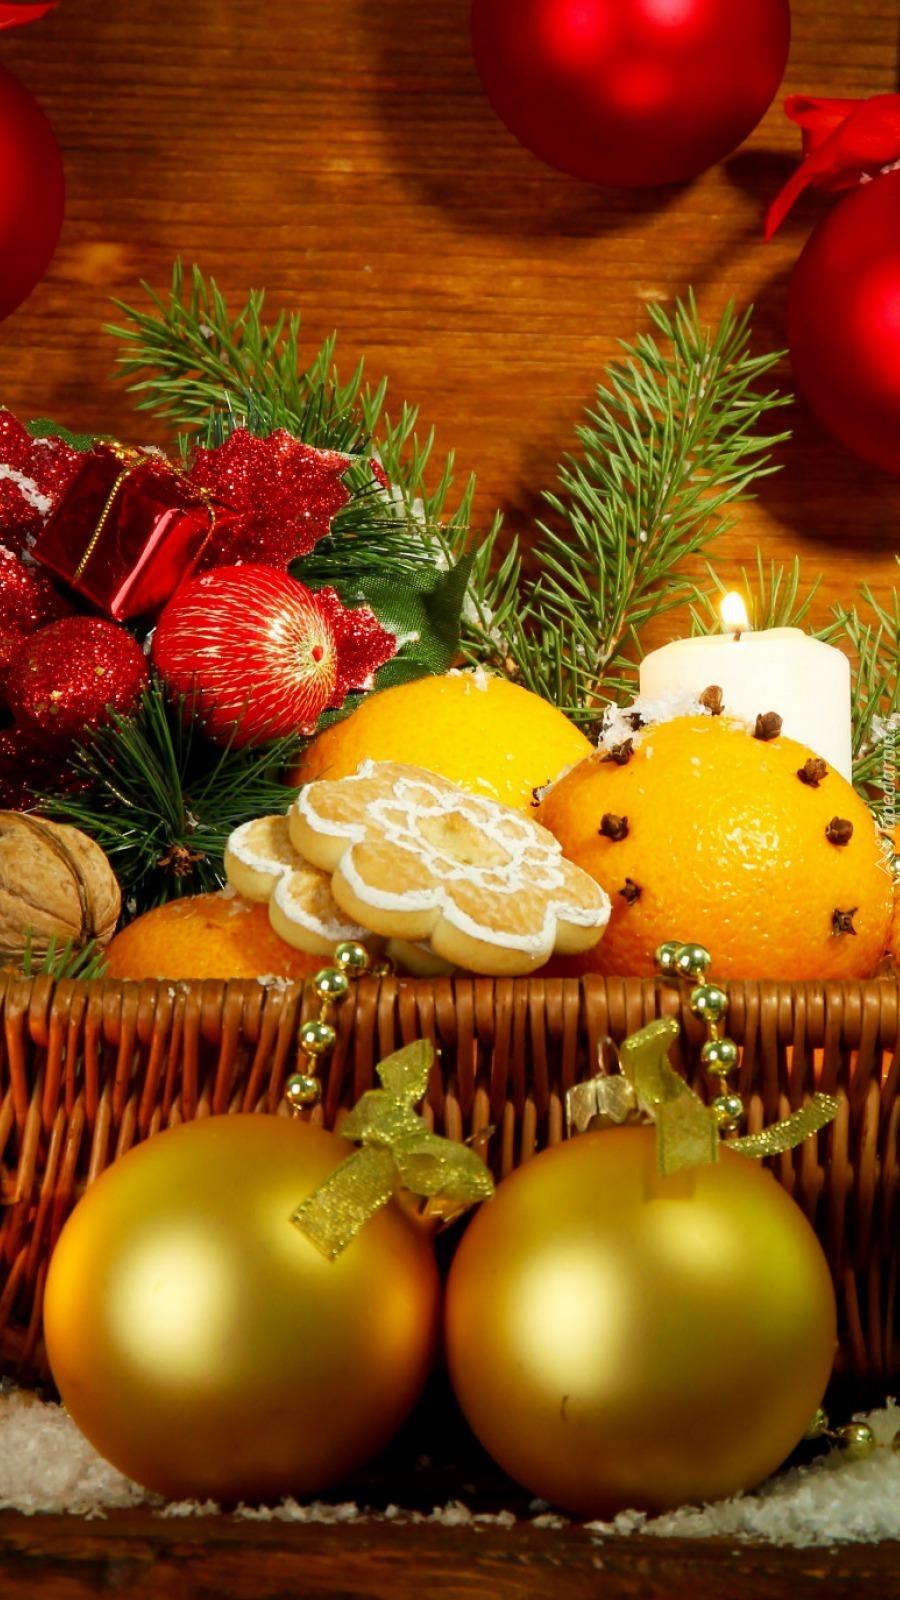 Koszyk z pomarańczami i piernikami